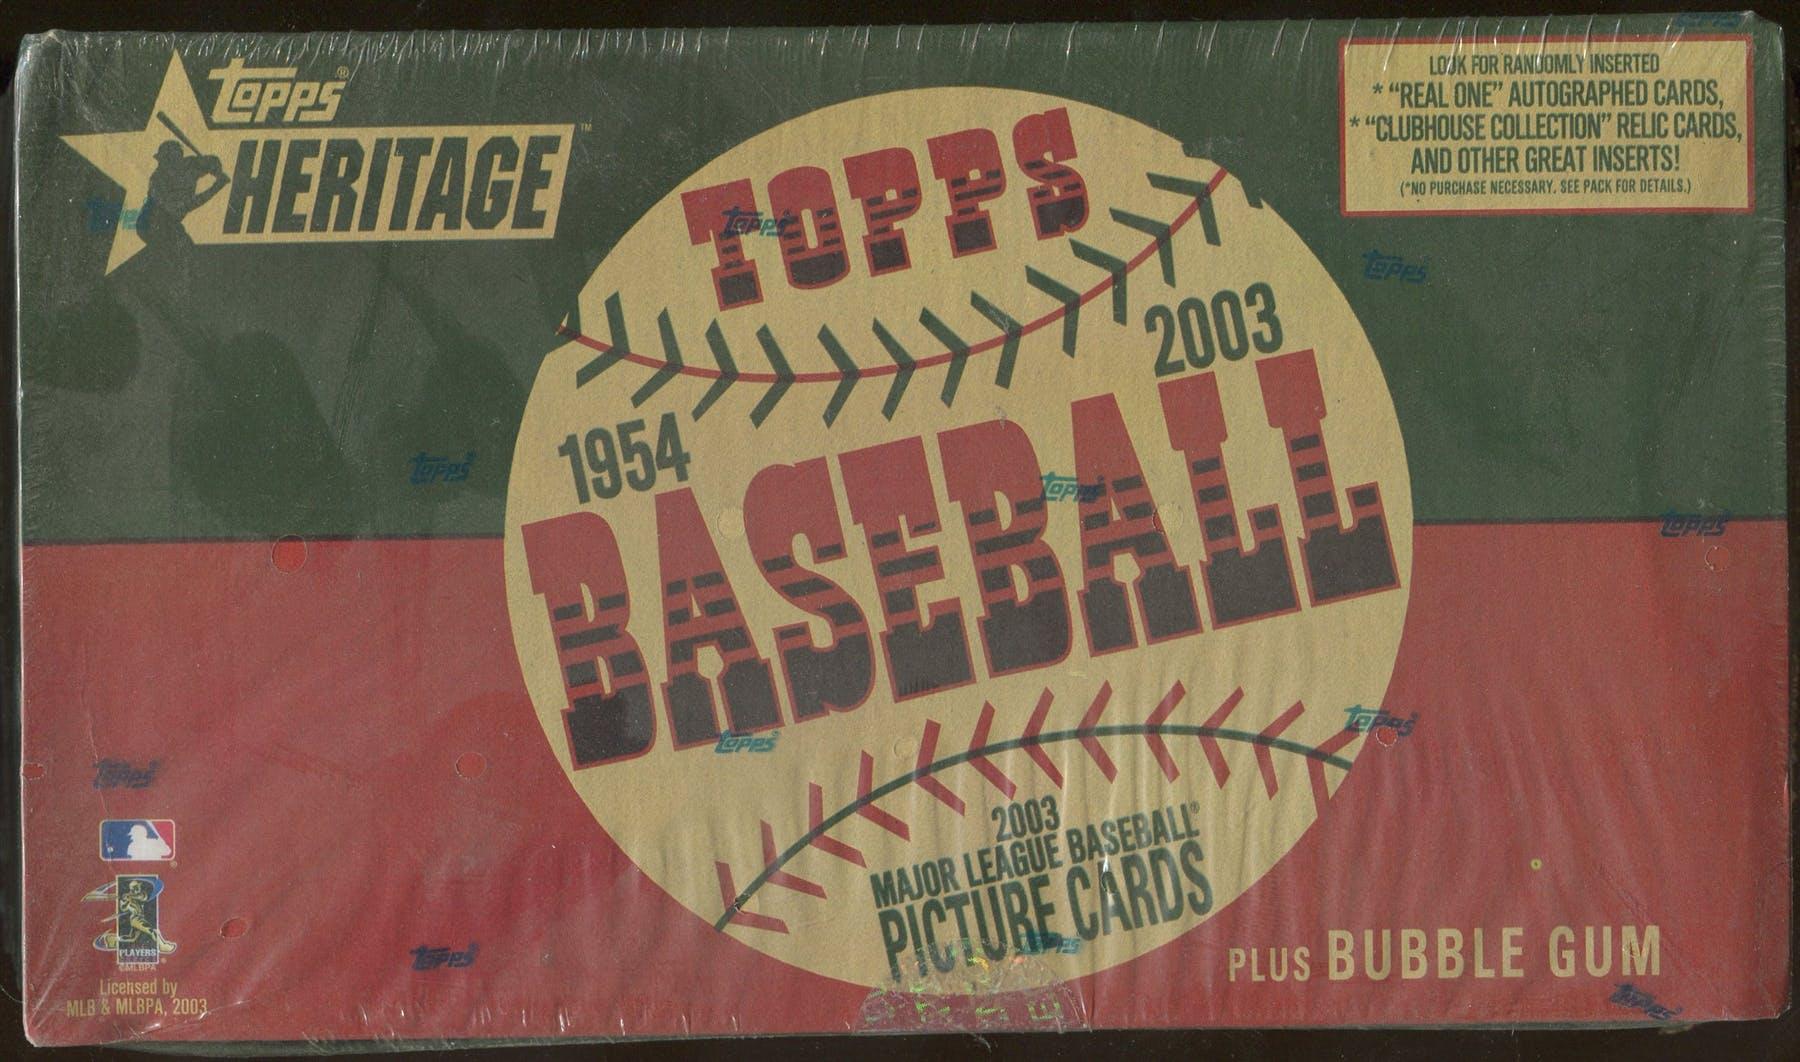 2003 Topps Heritage Baseball Retail Box Da Card World